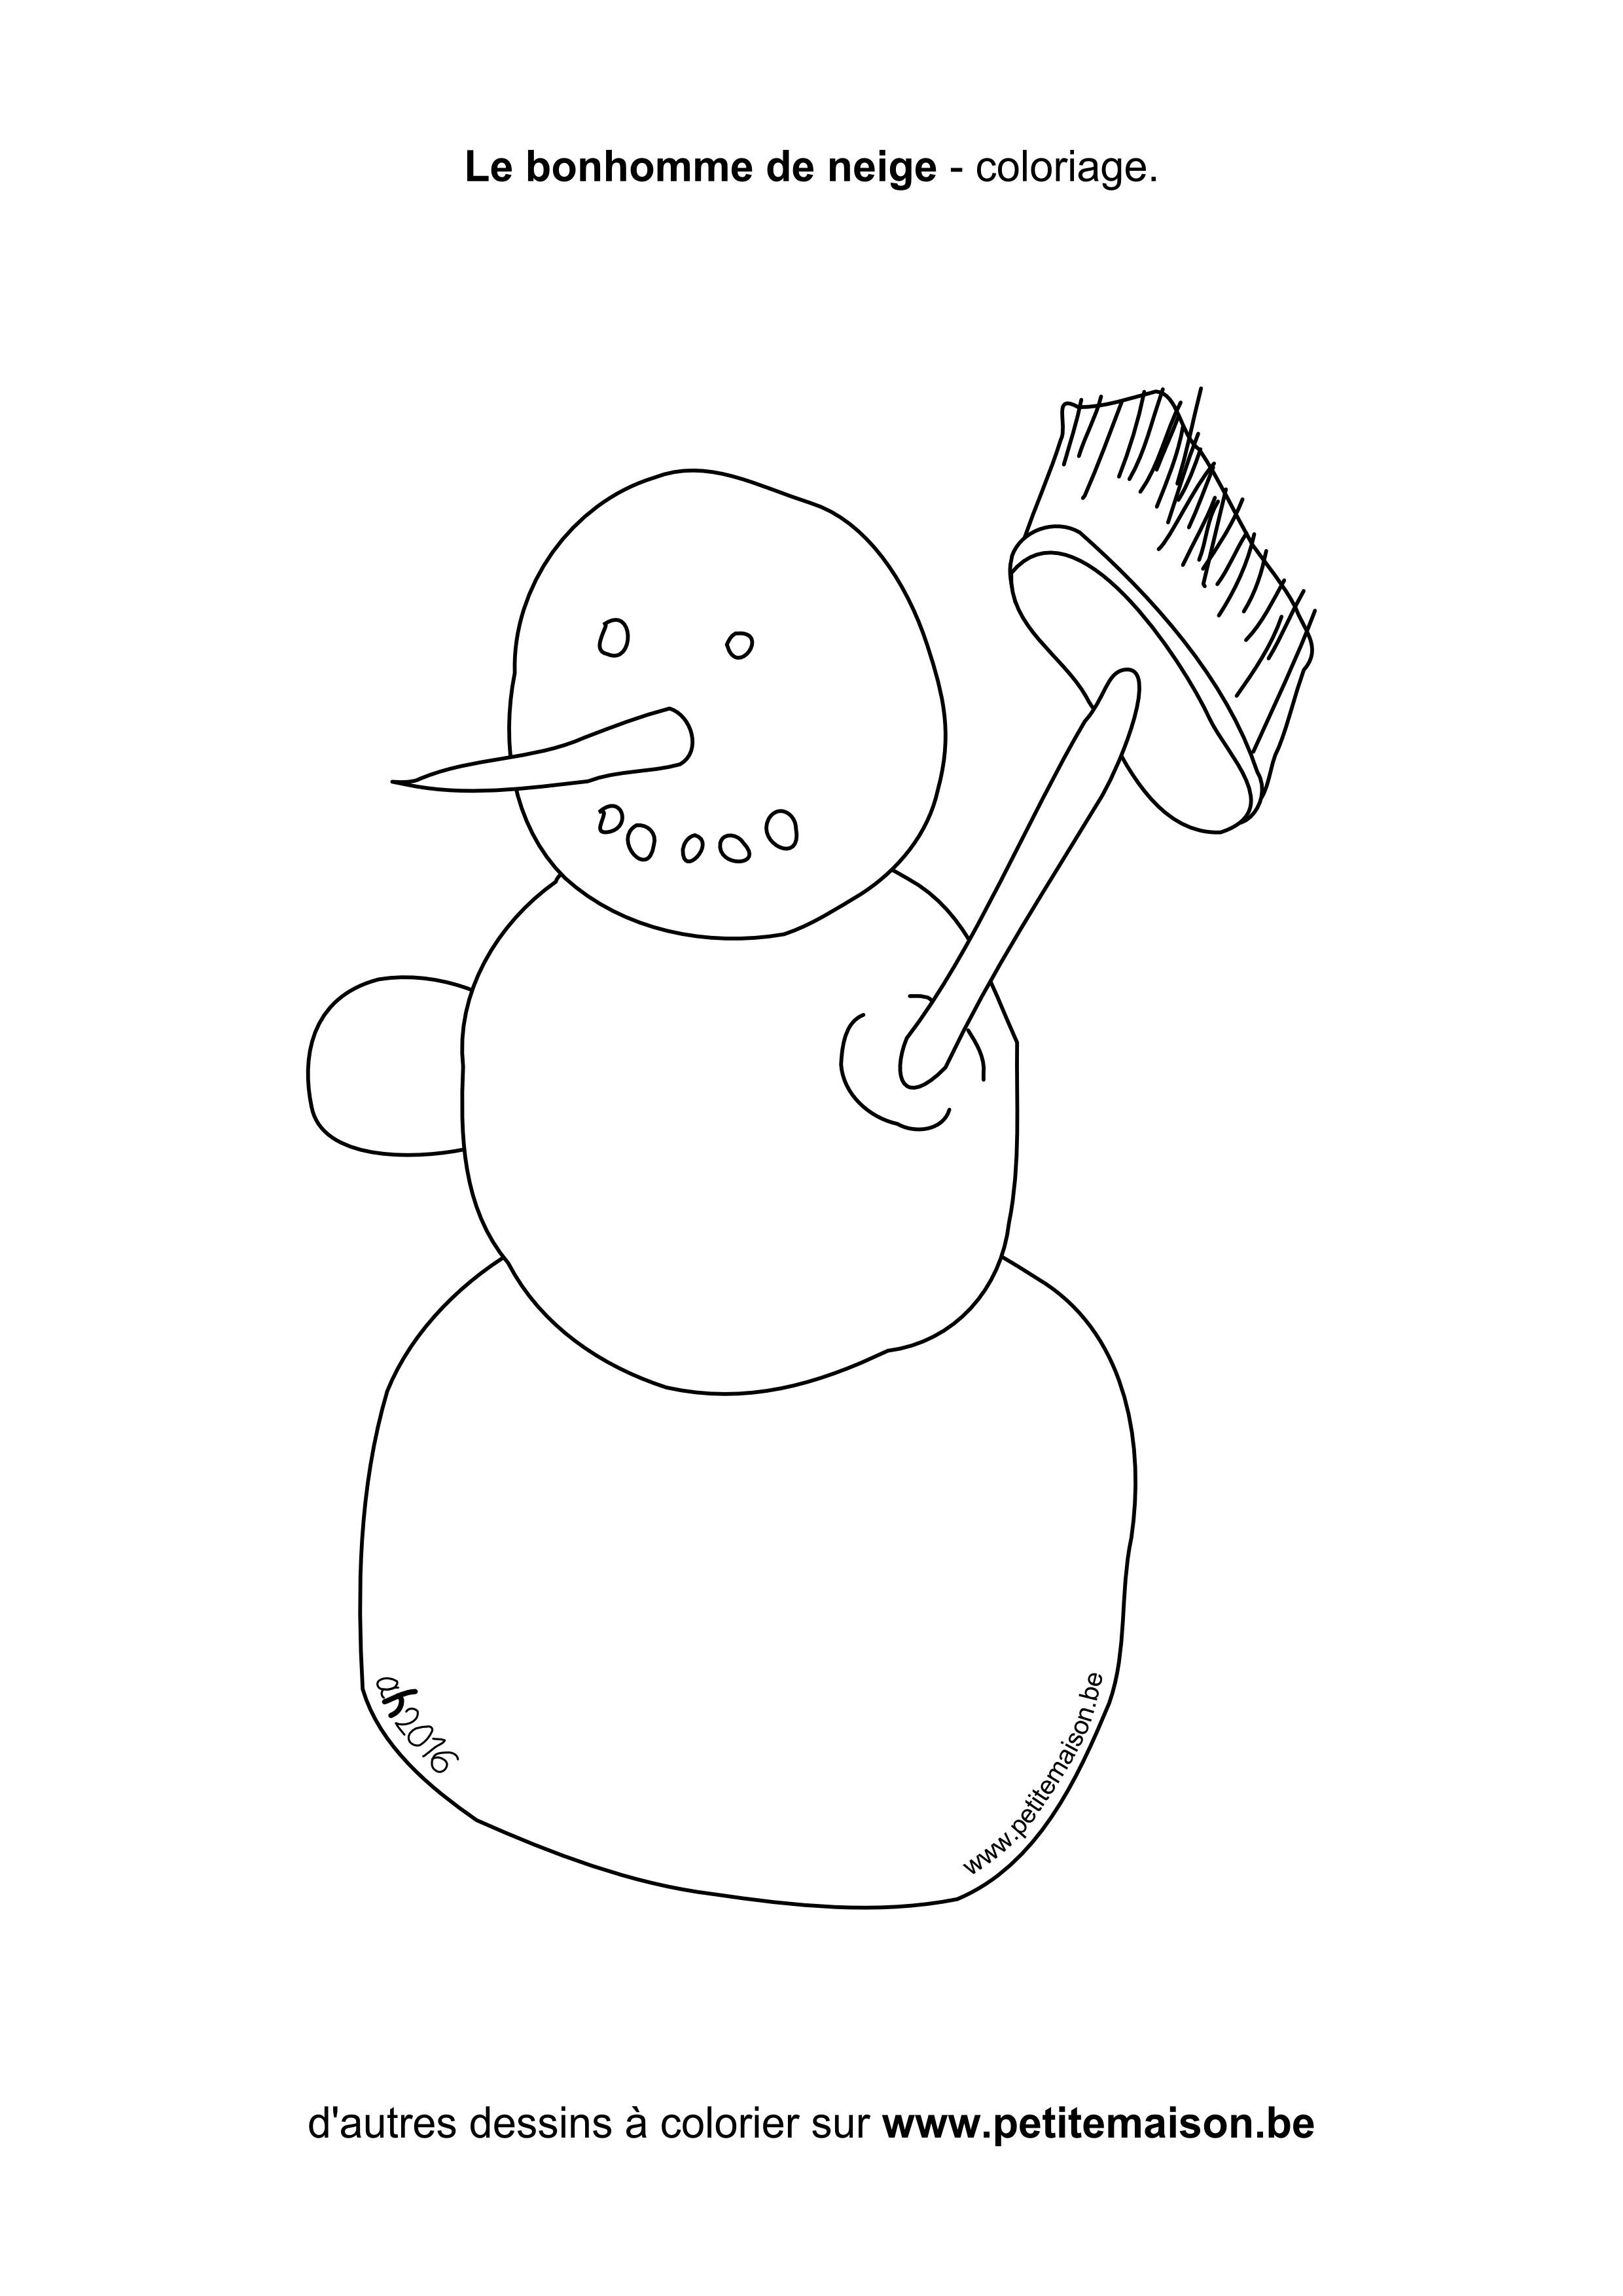 Belle bonhomme de neige simple coloriage - Dessin bonhomme a colorier ...